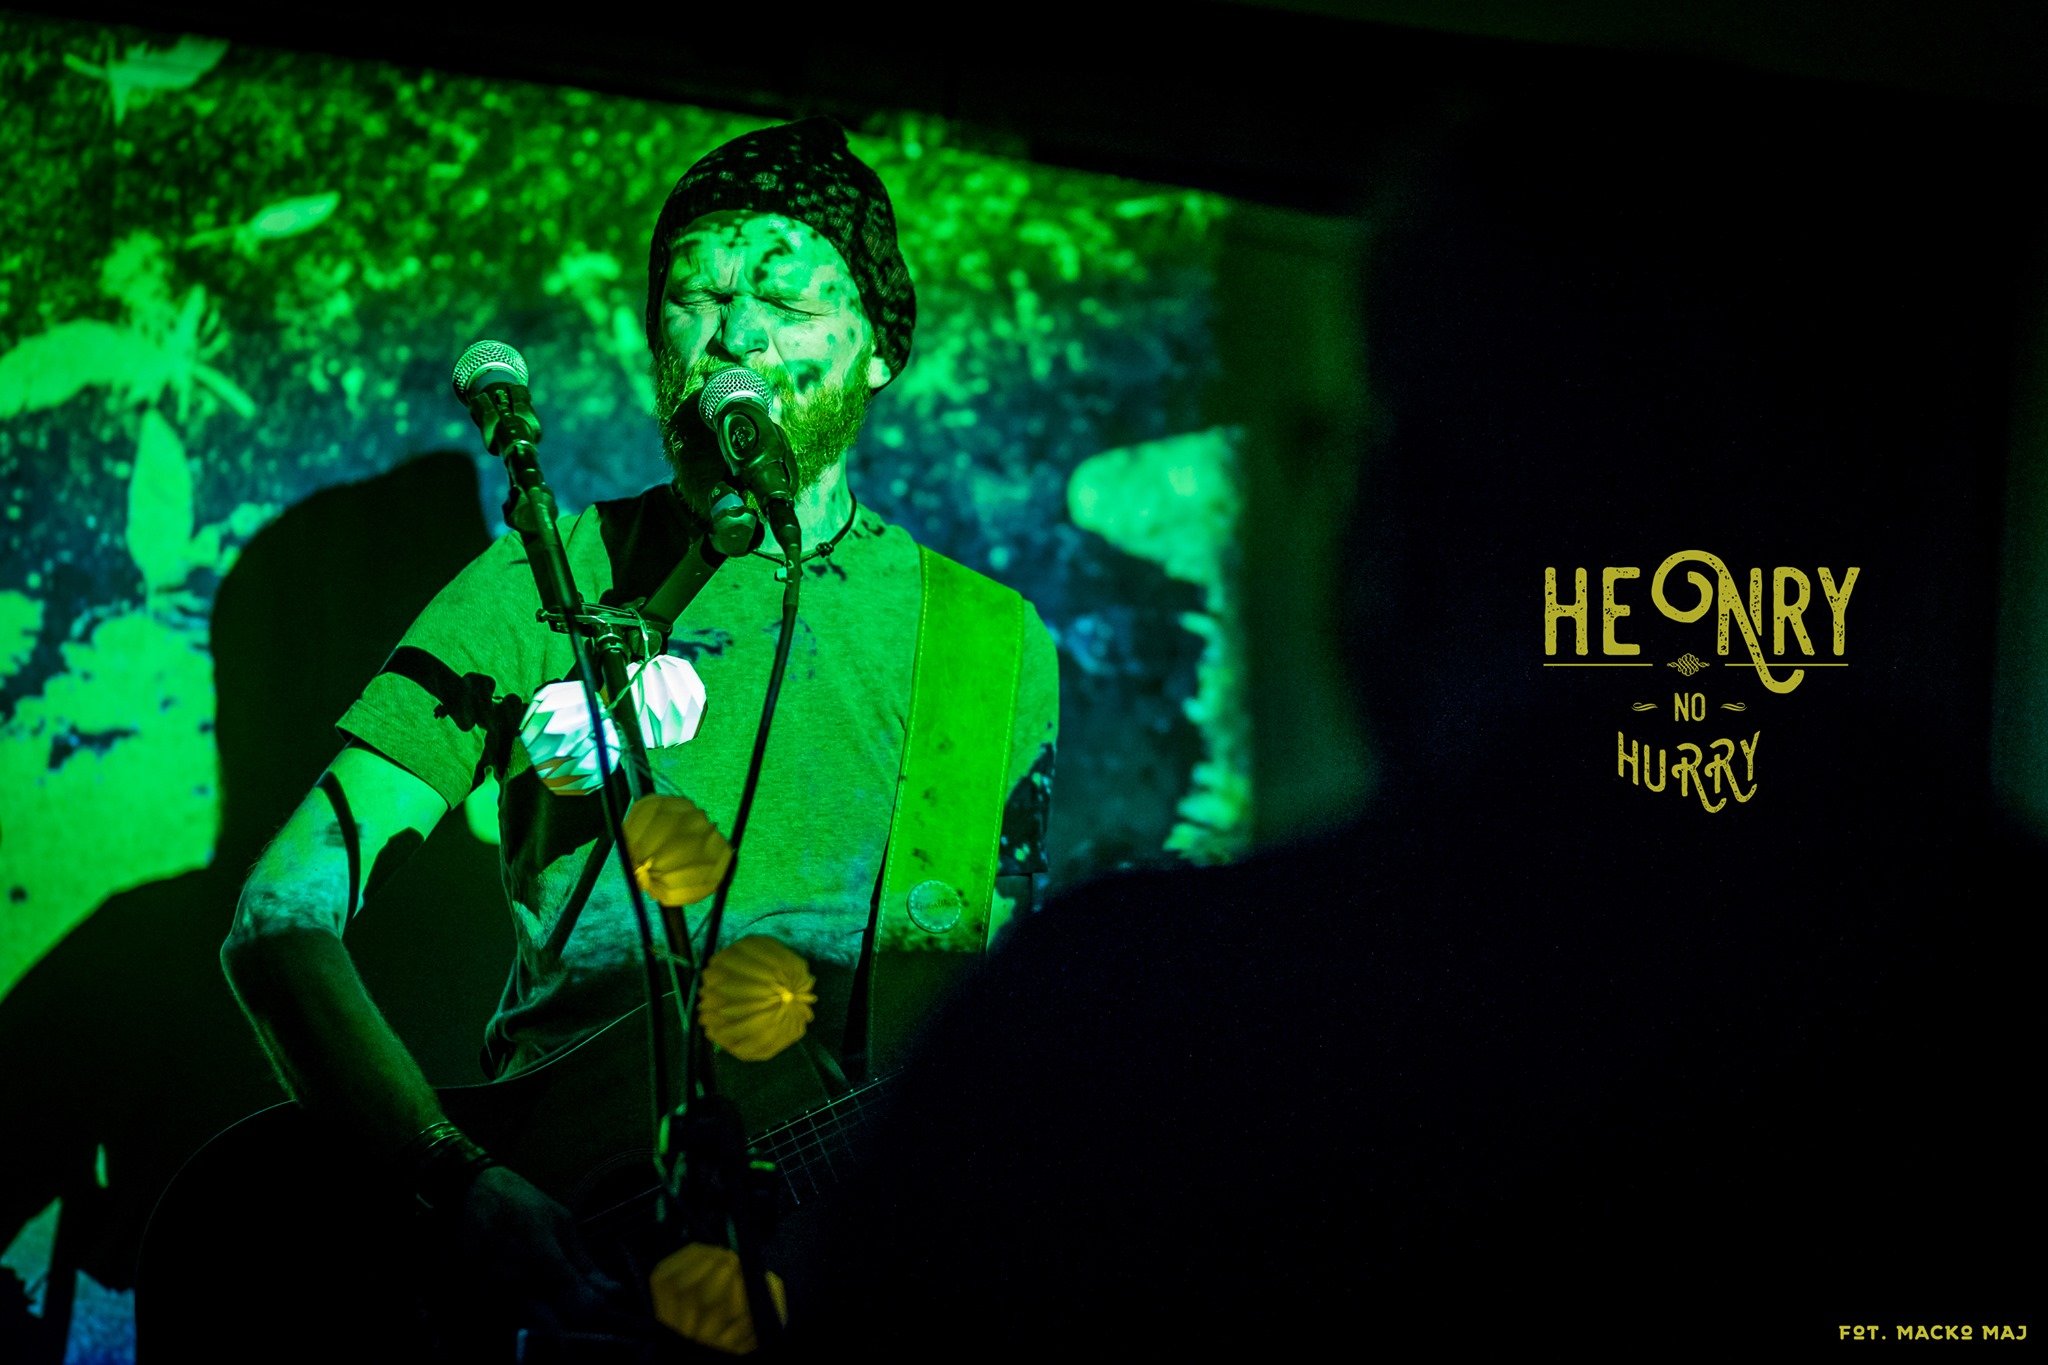 Koncert Henry No Hurry! w najbliższą sobotę w Klubie Kontrapunkt. Polecamy! Zapraszamy! [aktualizacja] – KONCERT ODWOŁANY